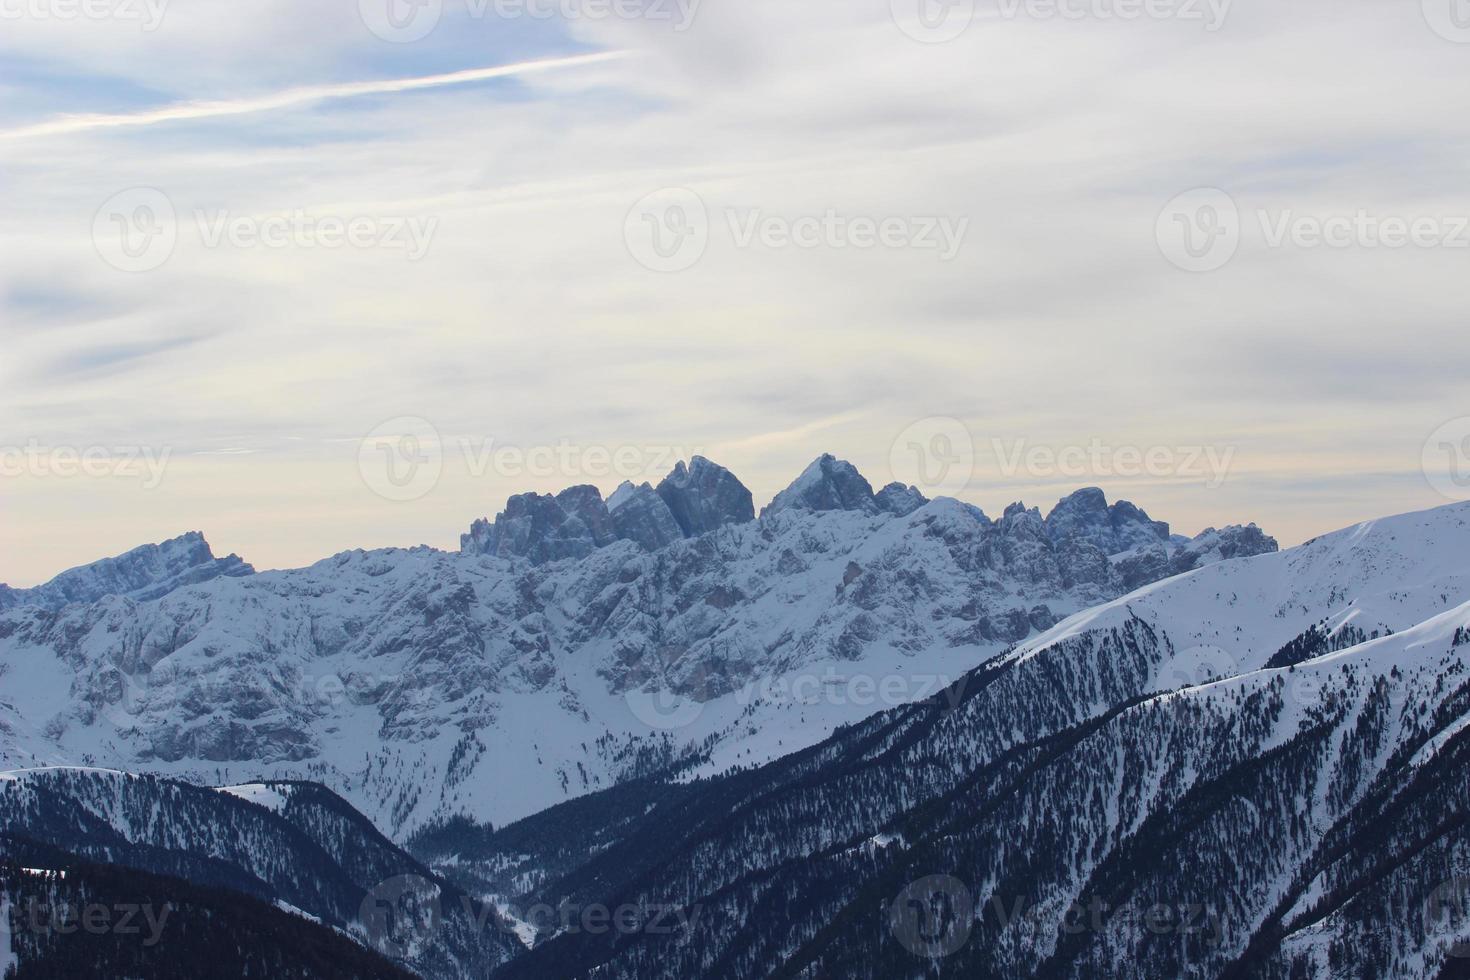 schneebedeckter Berg und Himmel in den Alpen foto